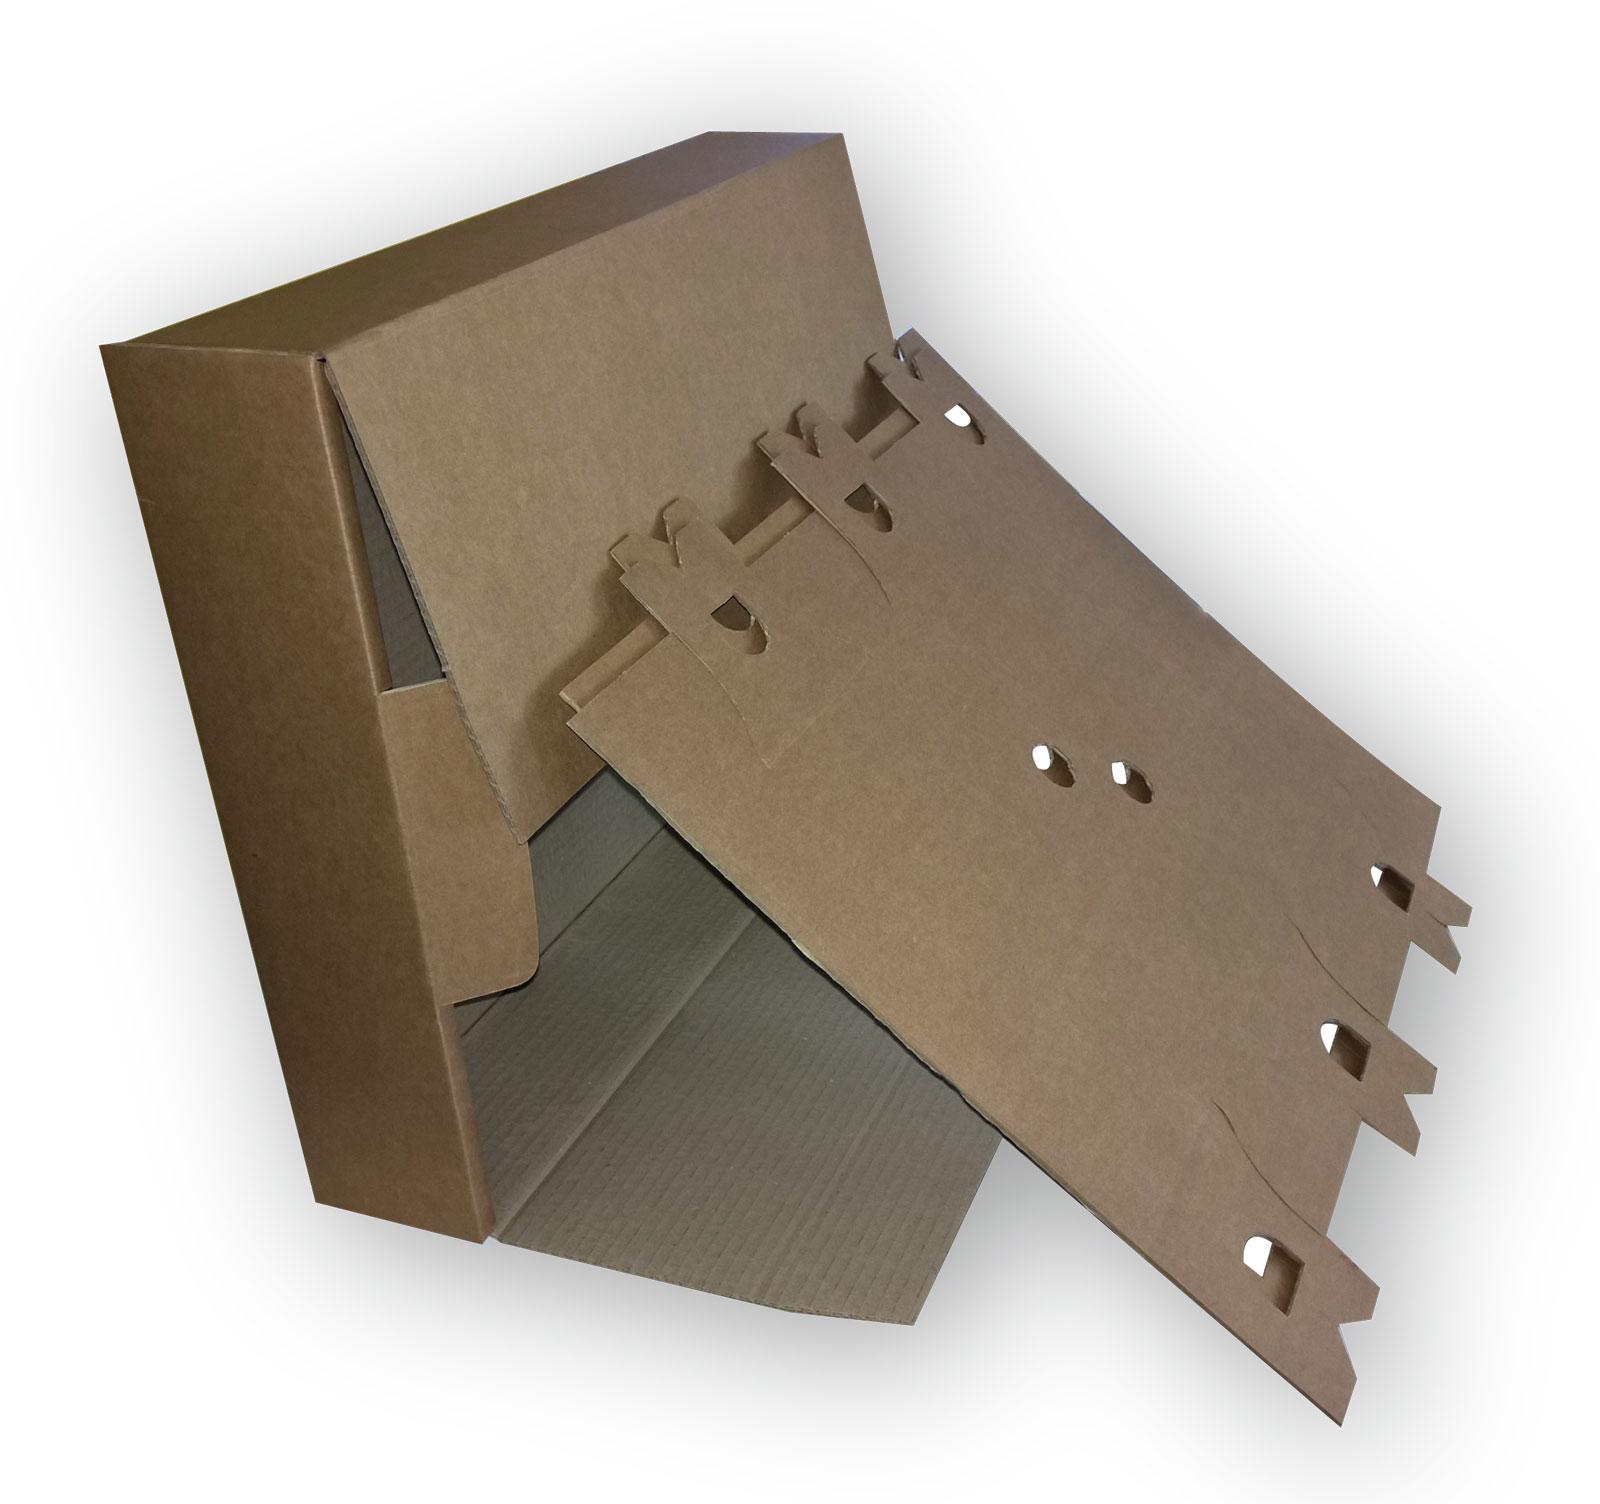 la styl box pour les vins d alsace. Black Bedroom Furniture Sets. Home Design Ideas